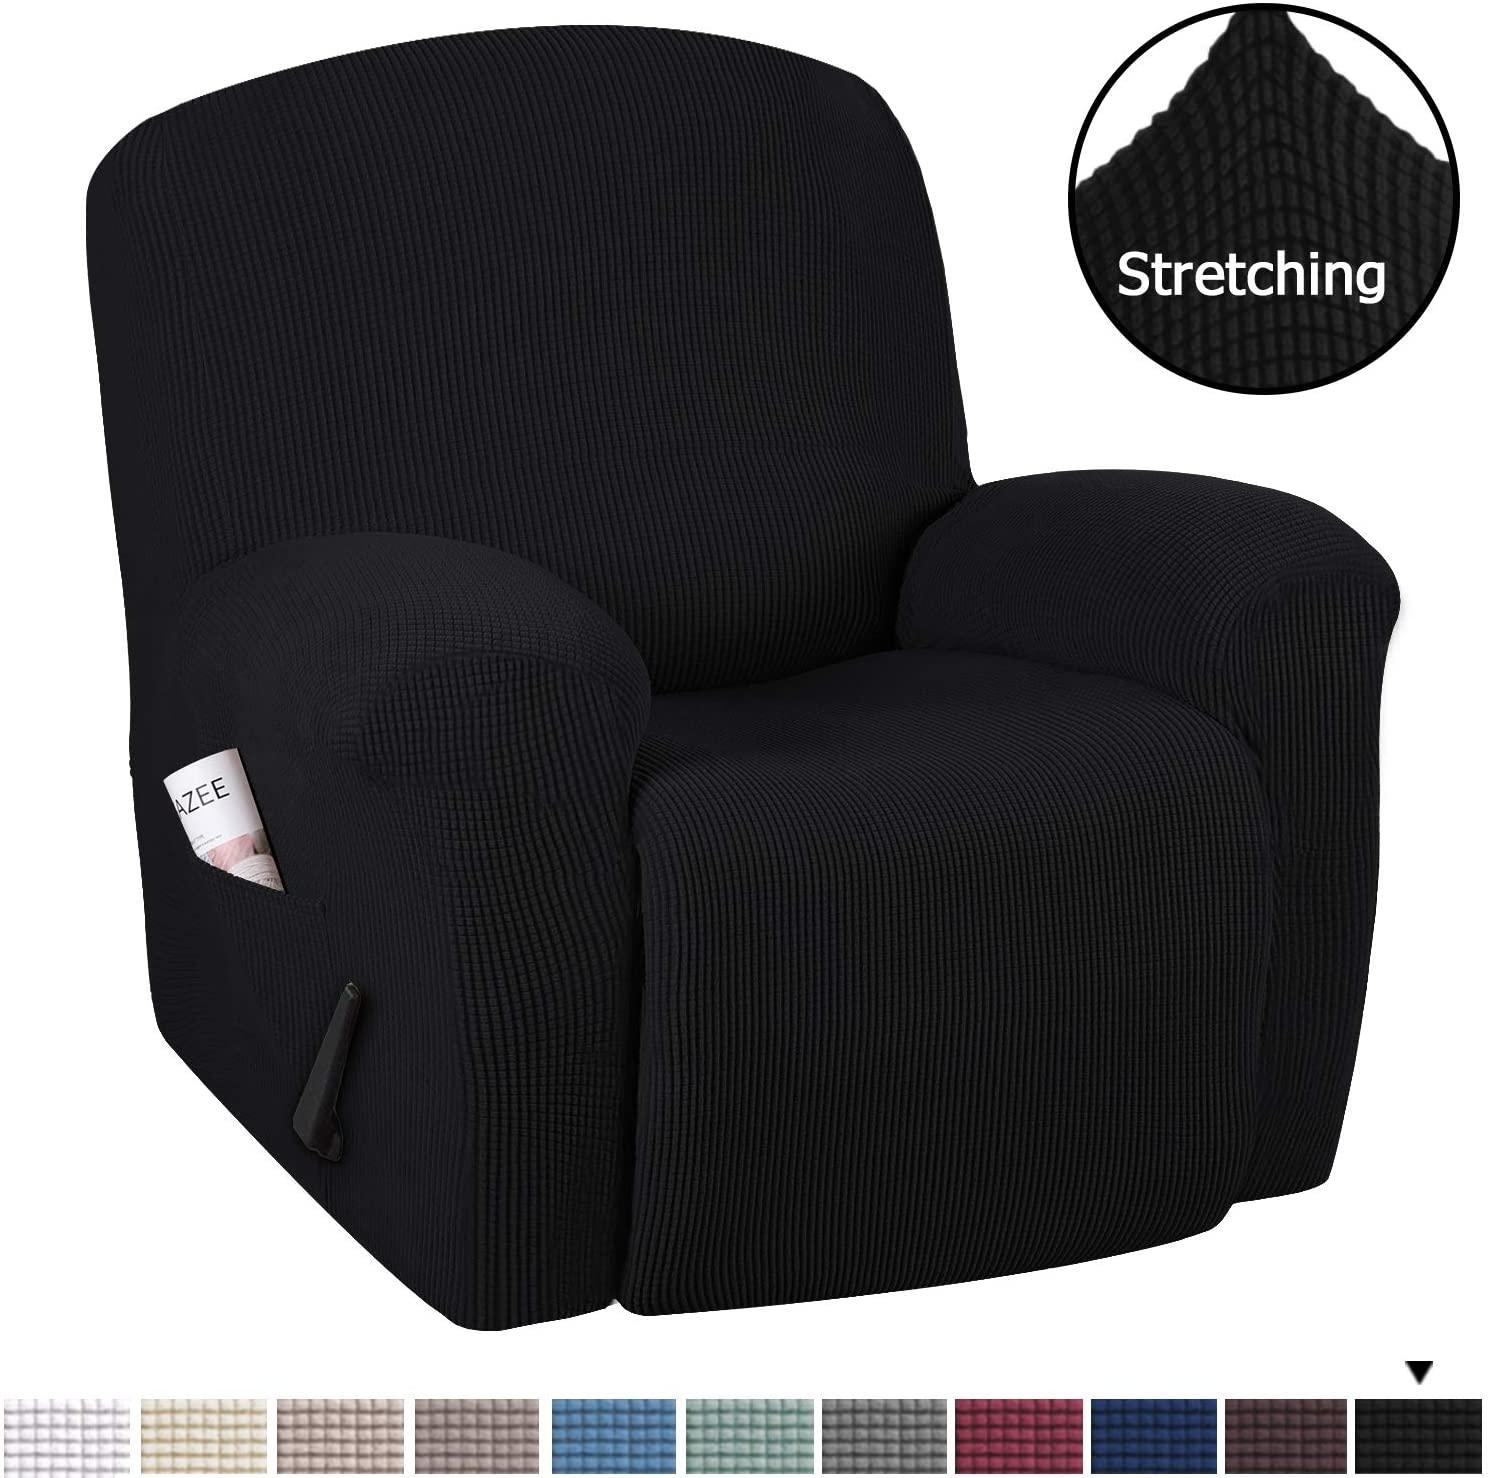 H. VERSAILTEX Recliner Chair Slipcover